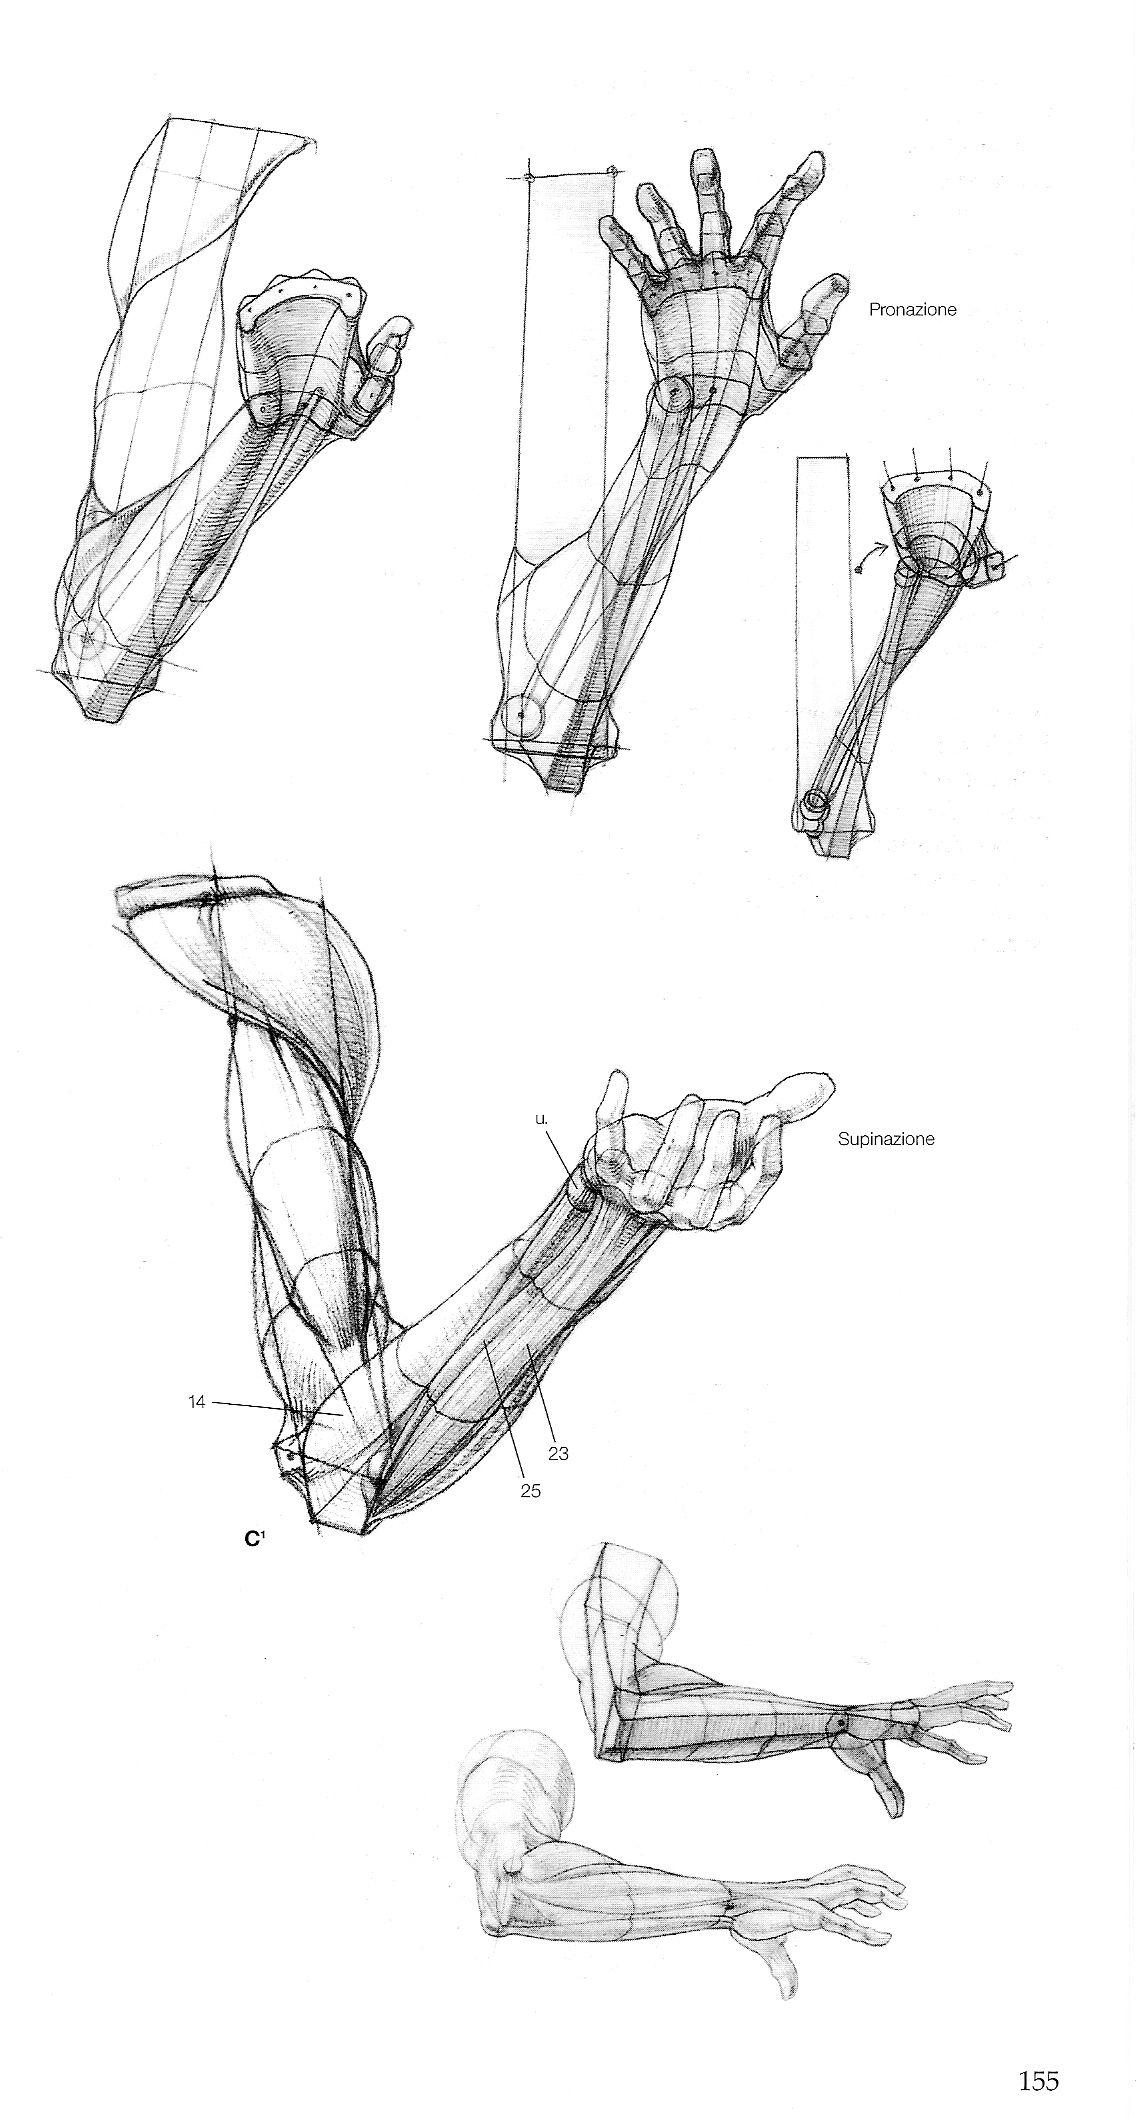 Pin de Hyper i en 팔근육 | Pinterest | Brazos, Anatomía y Dibujo